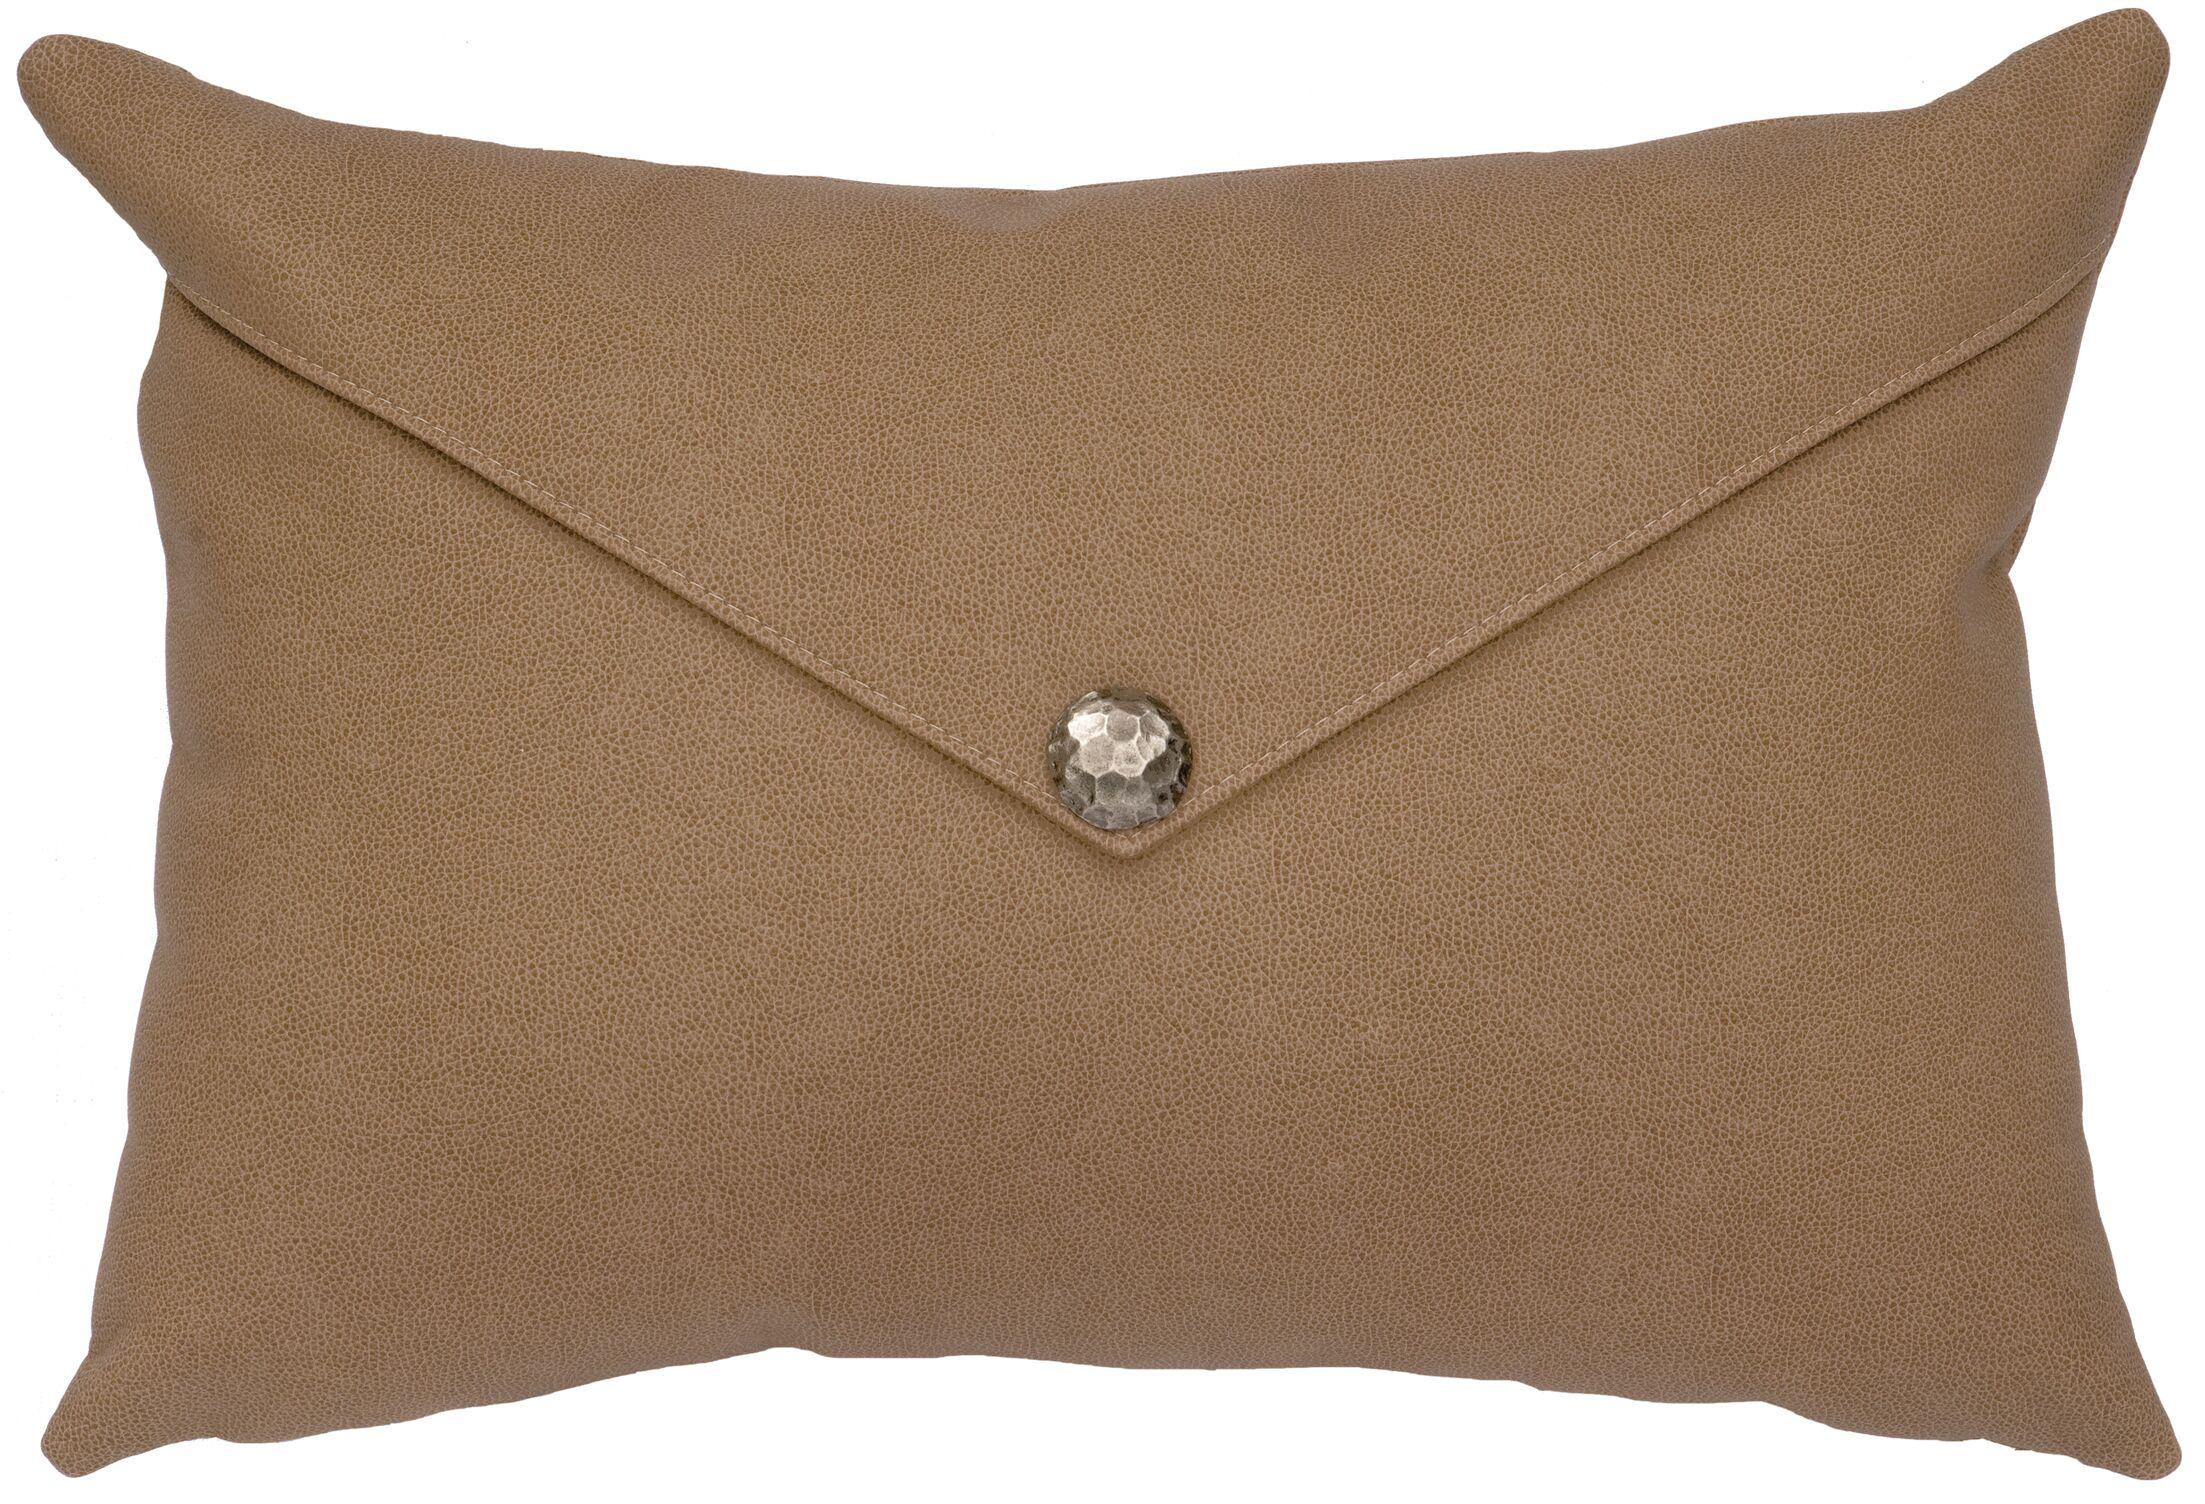 Caravan Lumbar Pillow Color: Taupe